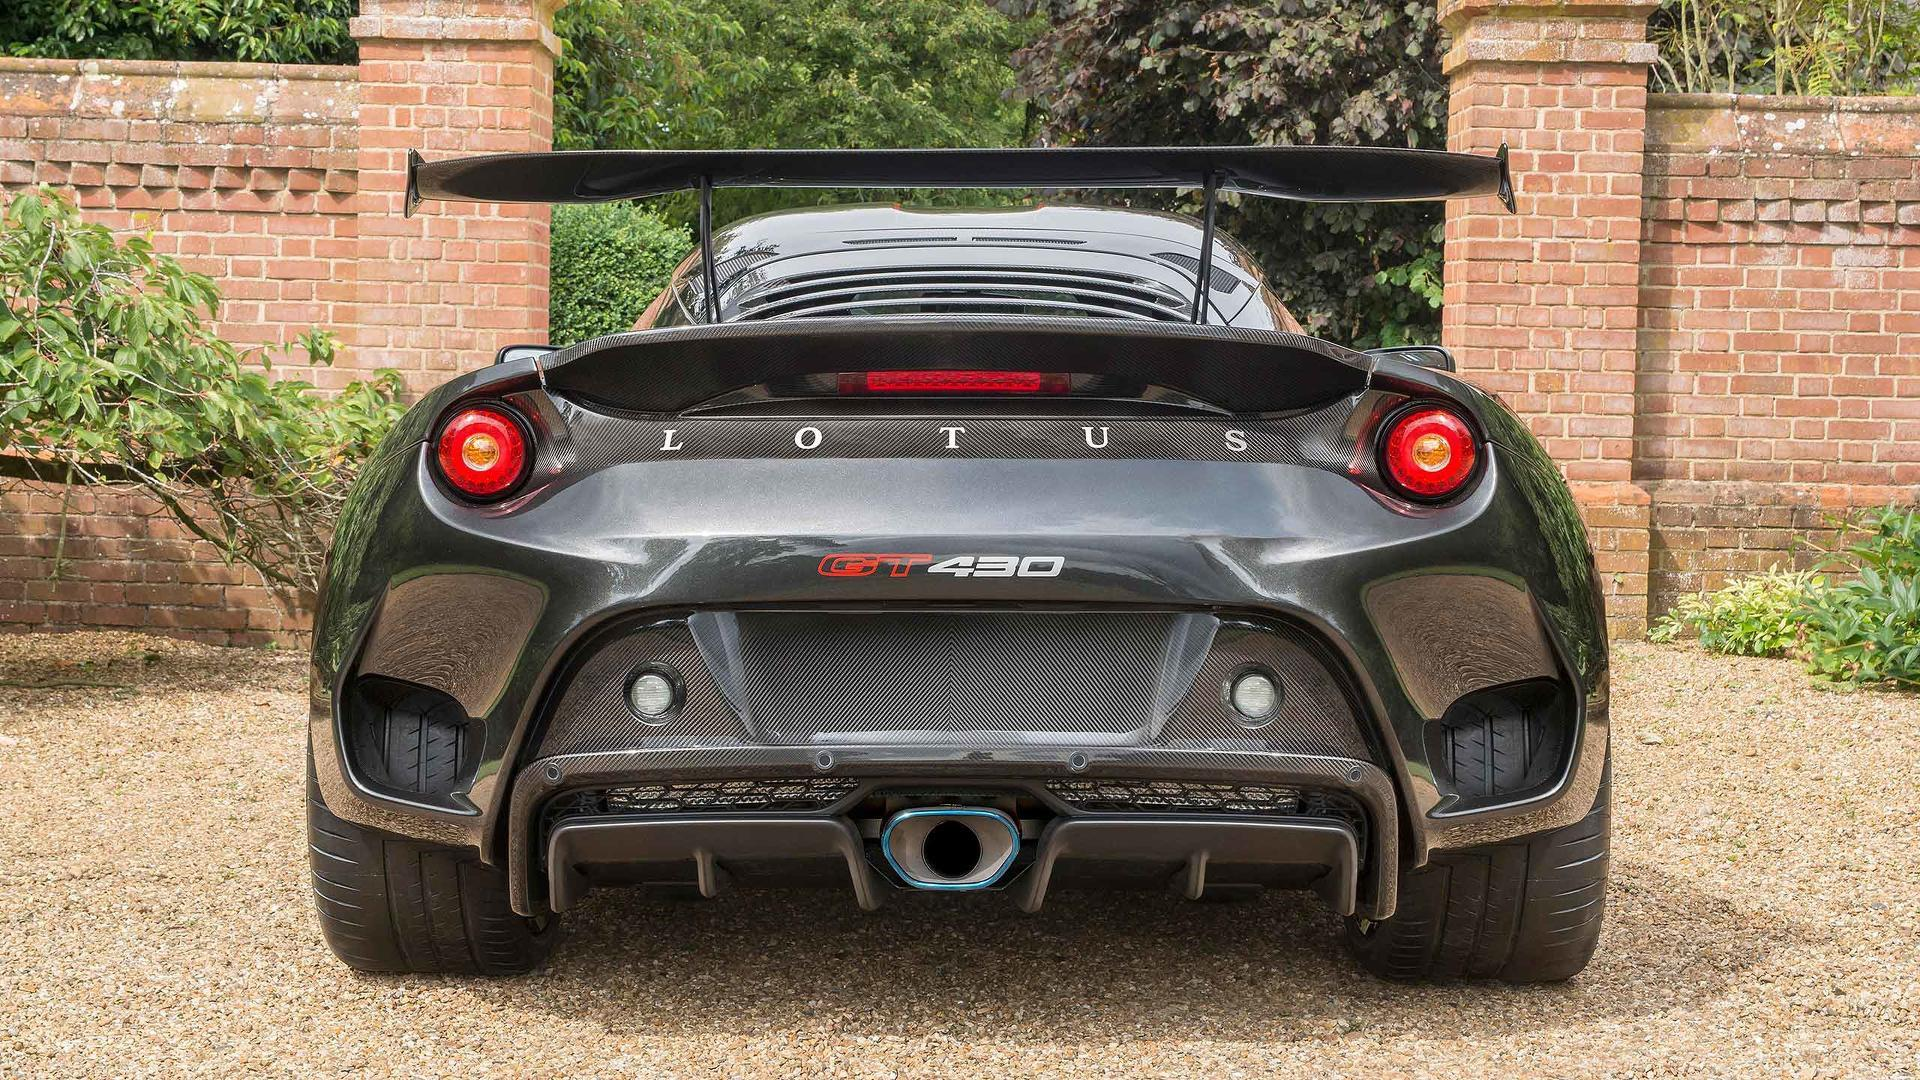 nouvelle-lotus-evora-gt430-a-l-assaut-des-supercars-382-6.jpg